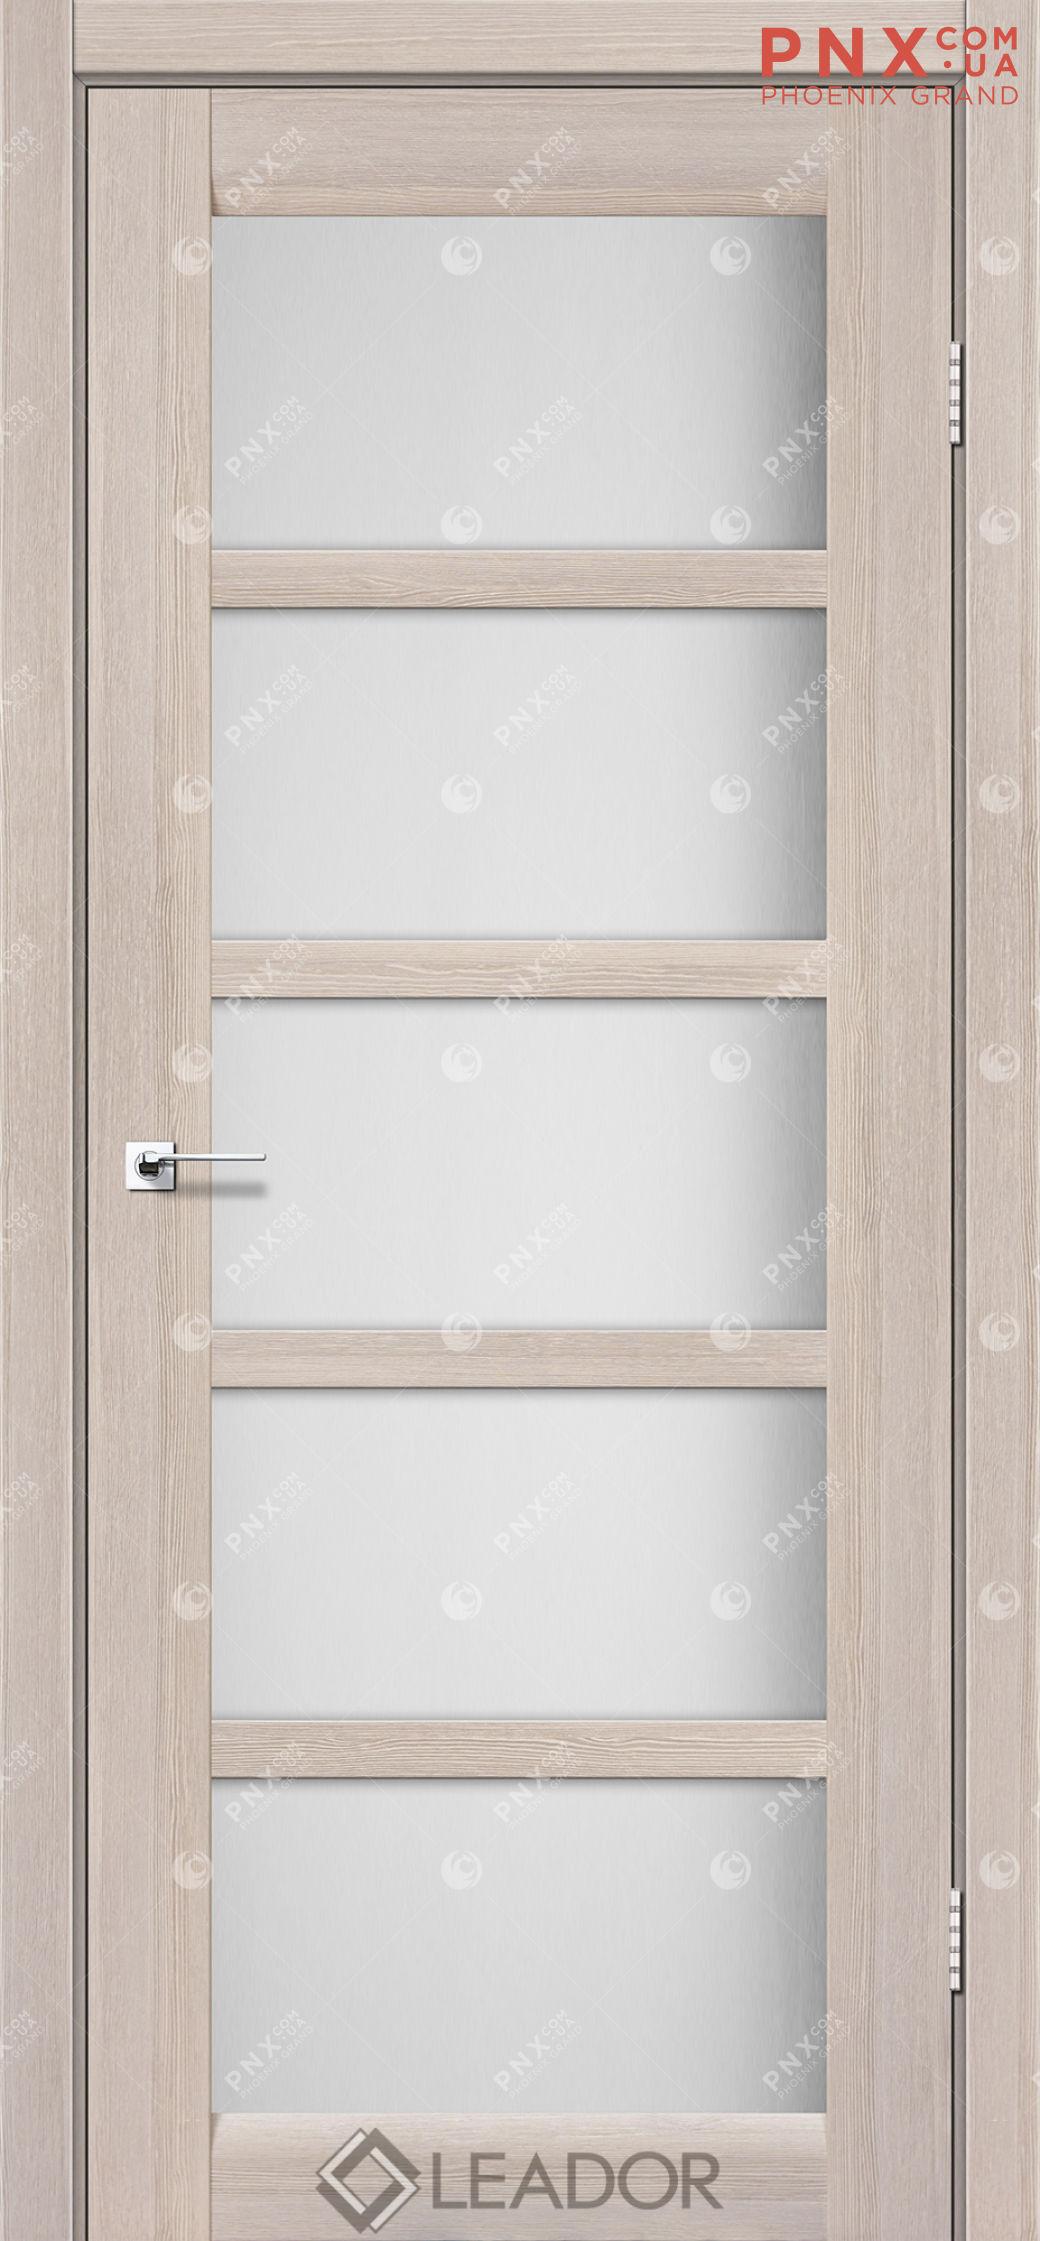 Межкомнатная дверь LEADOR Veneto, Монблан, Белое стекло сатин